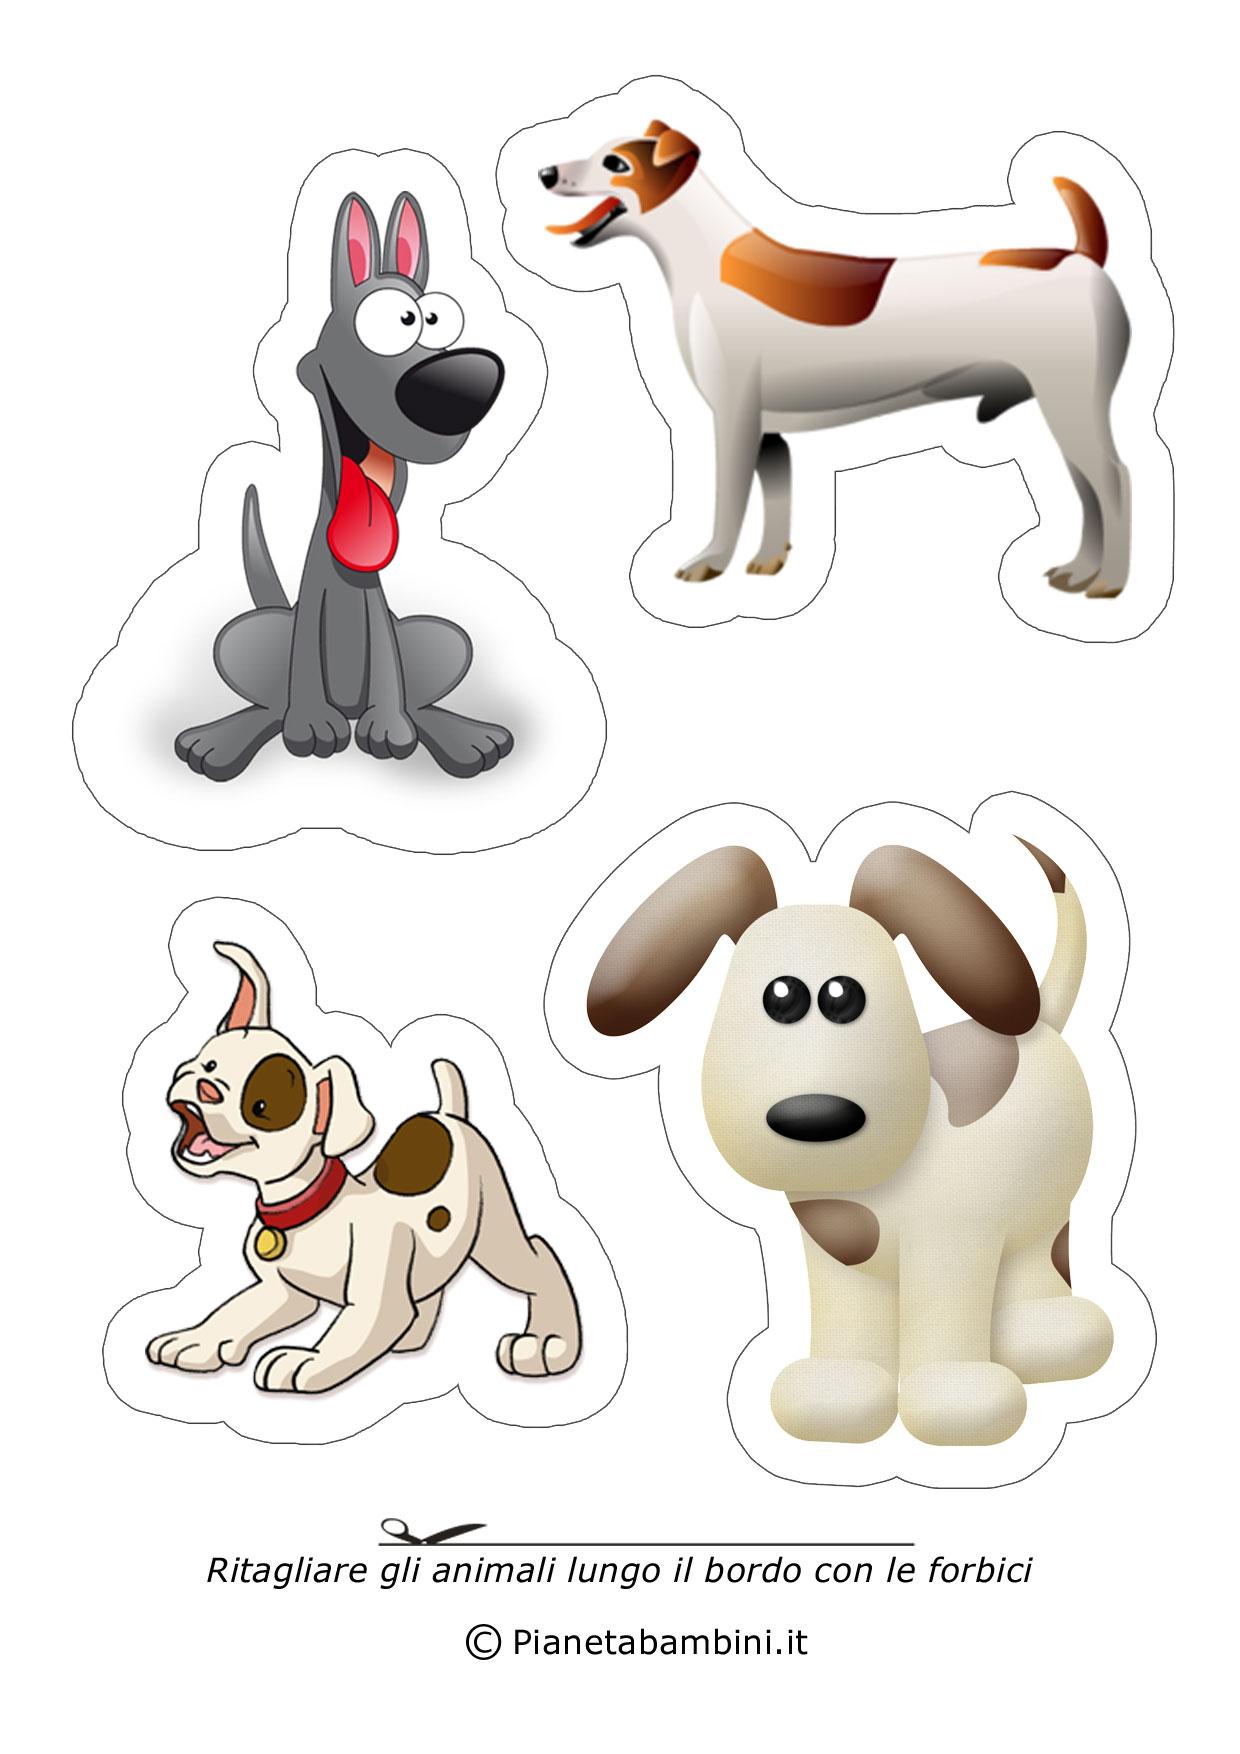 Disegni di animali da ritagliare e incollare per bambini - Immagini di orsi da colorare in ...